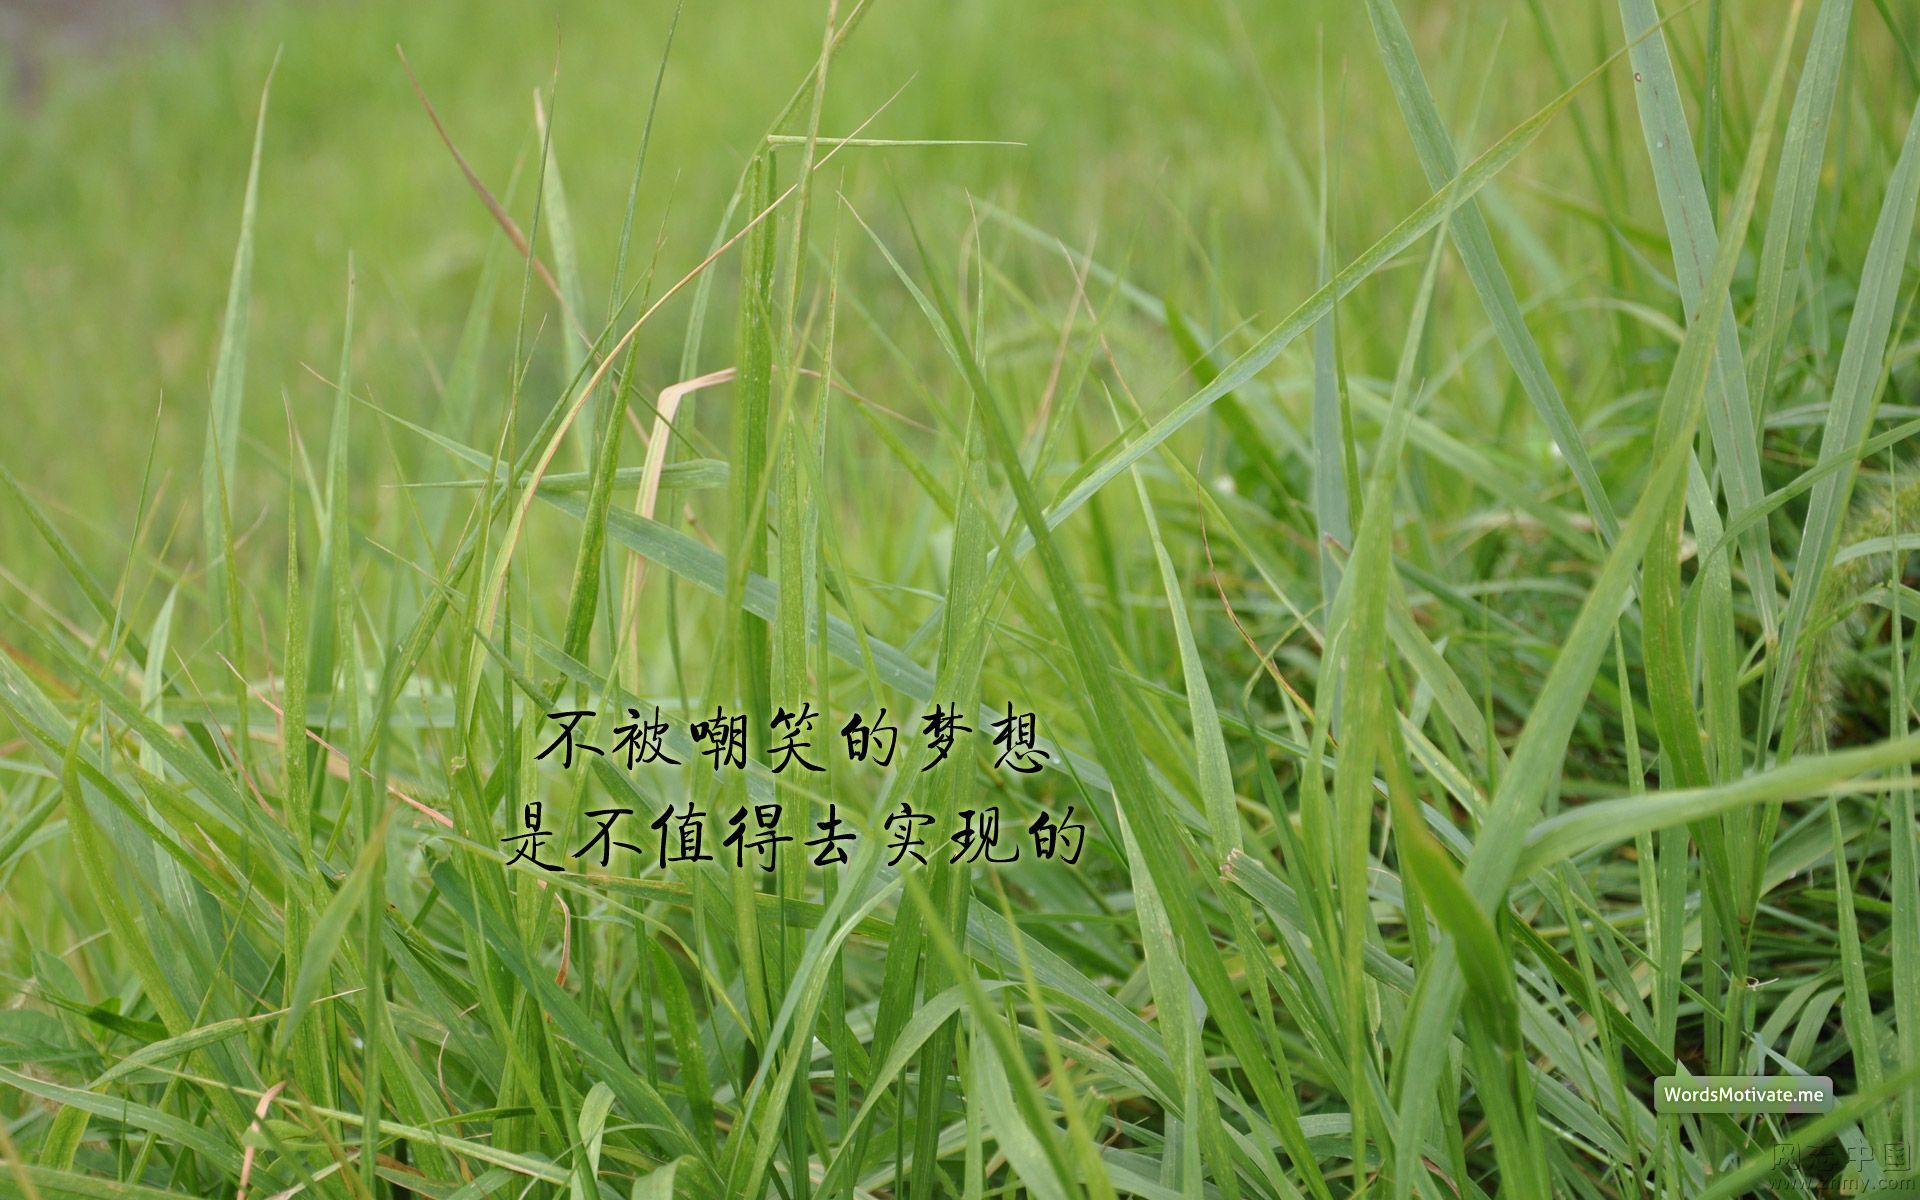 励志壁纸精选 (14).jpg